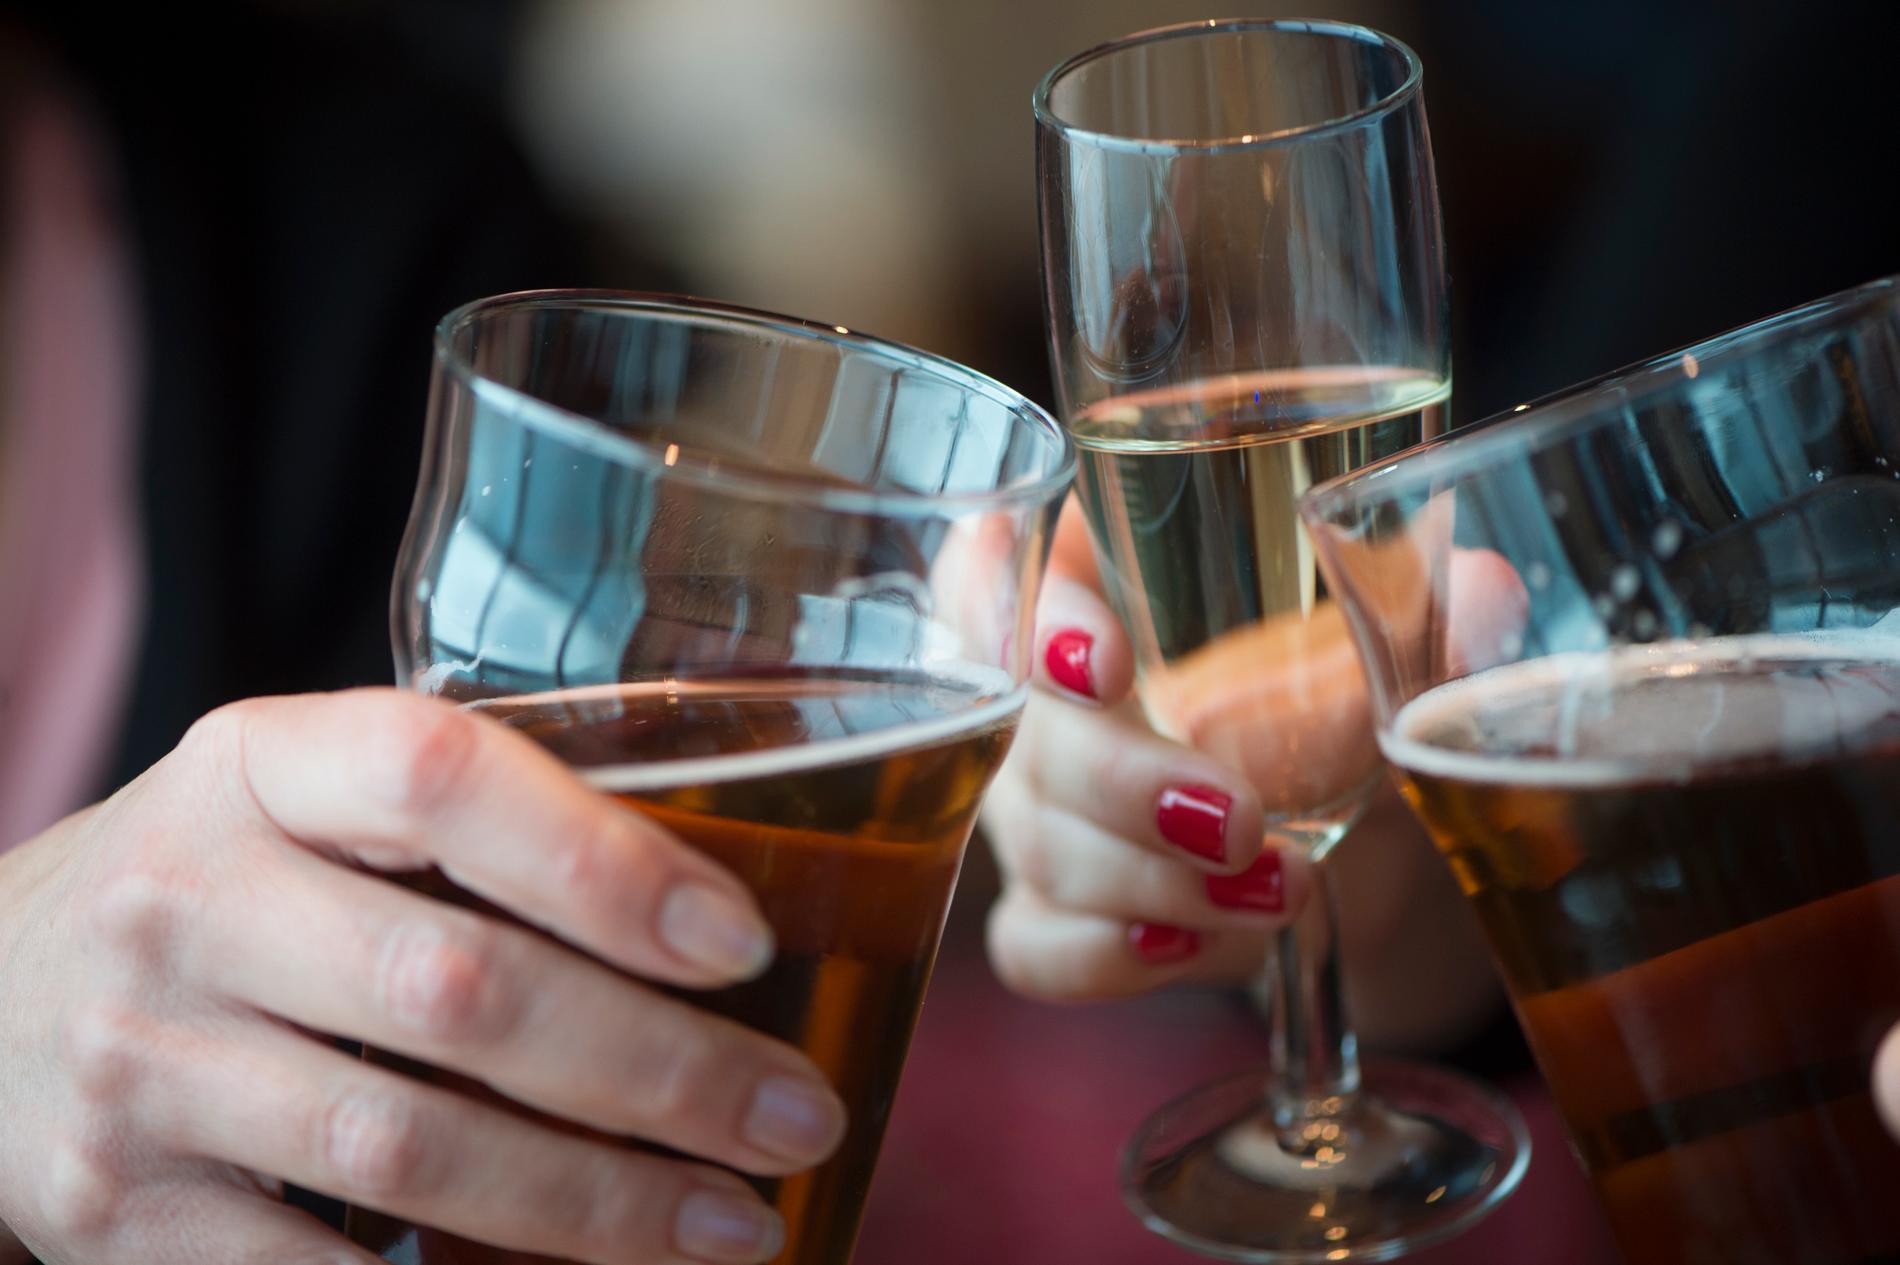 Synen på att dricka alkohol på vardagar blir alltmer tillåtande.